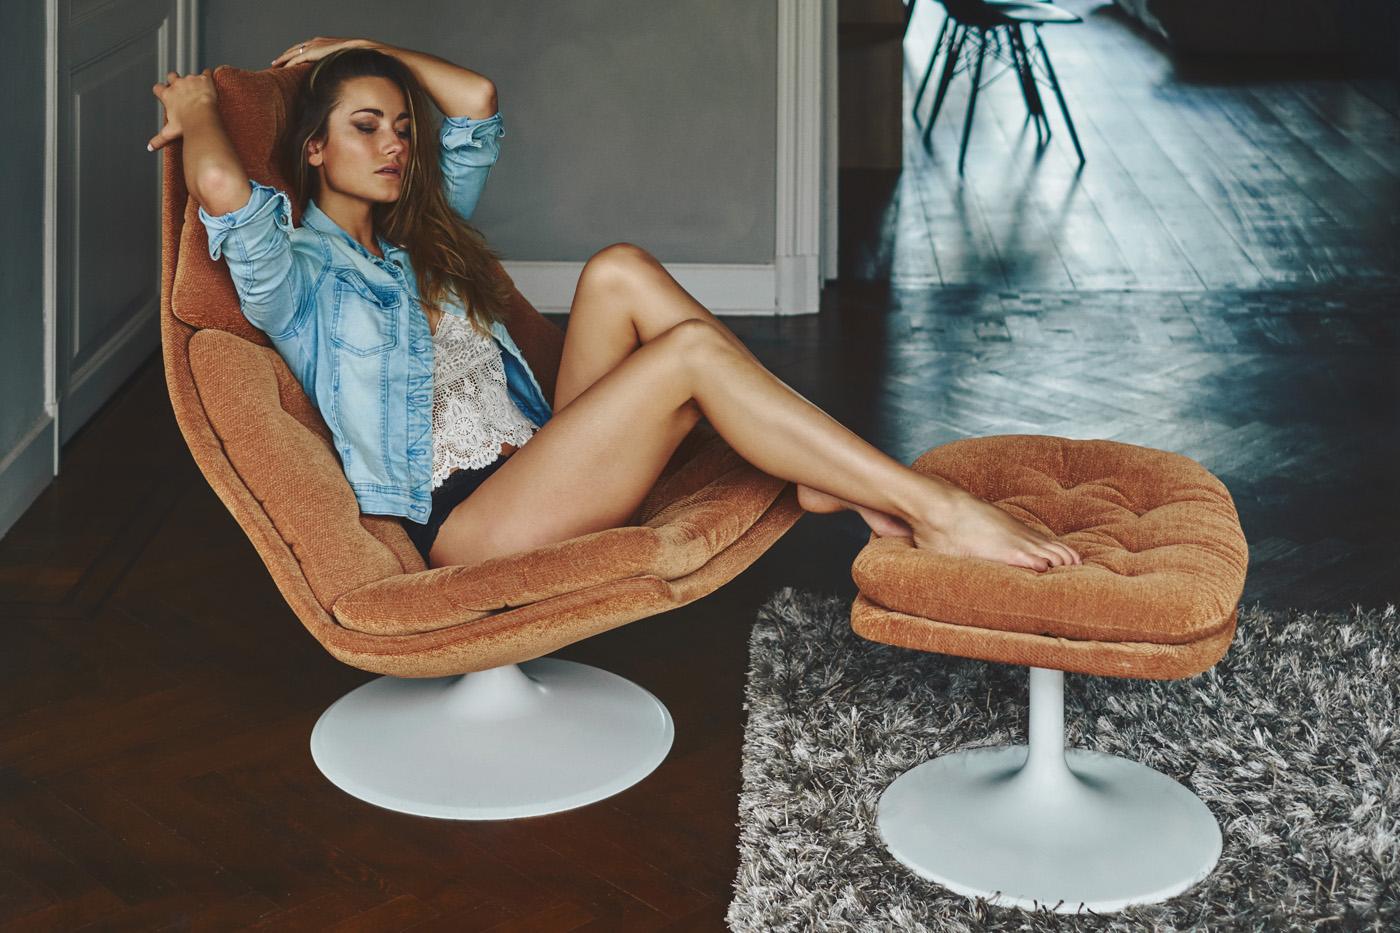 Model Sherelle De Jong photographed by Michel Verpoorten.